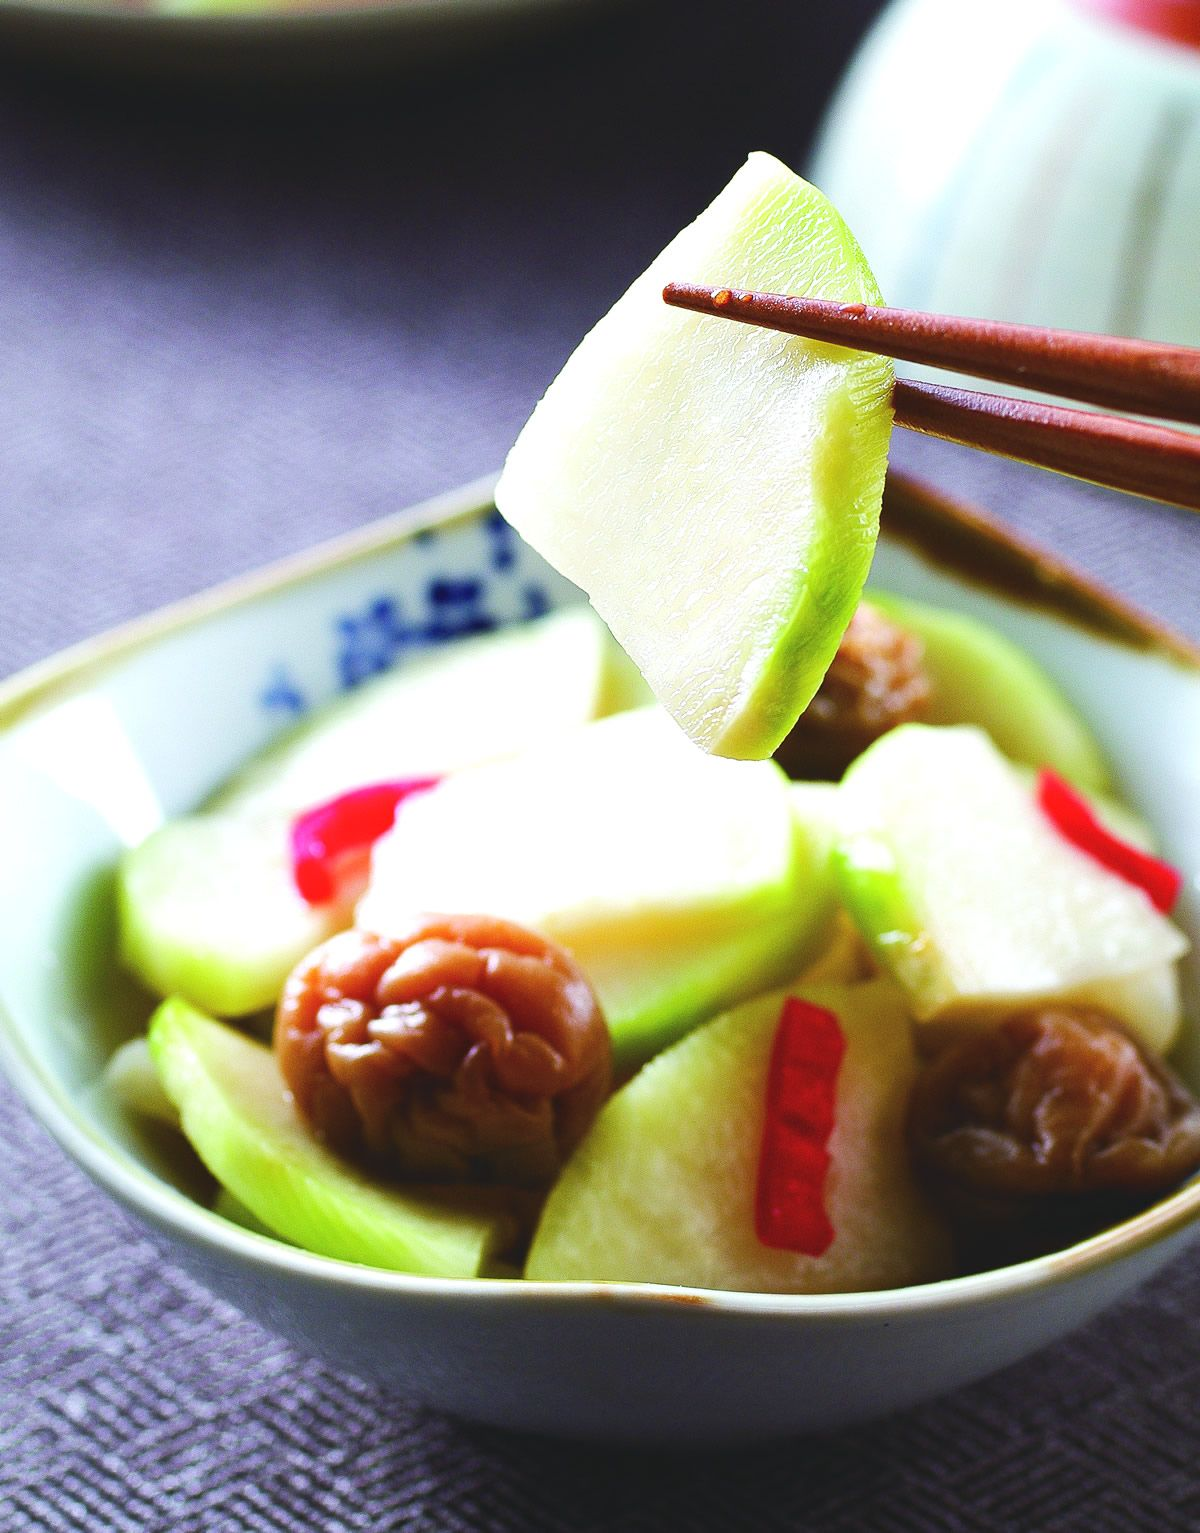 食譜:梅子醃大頭菜